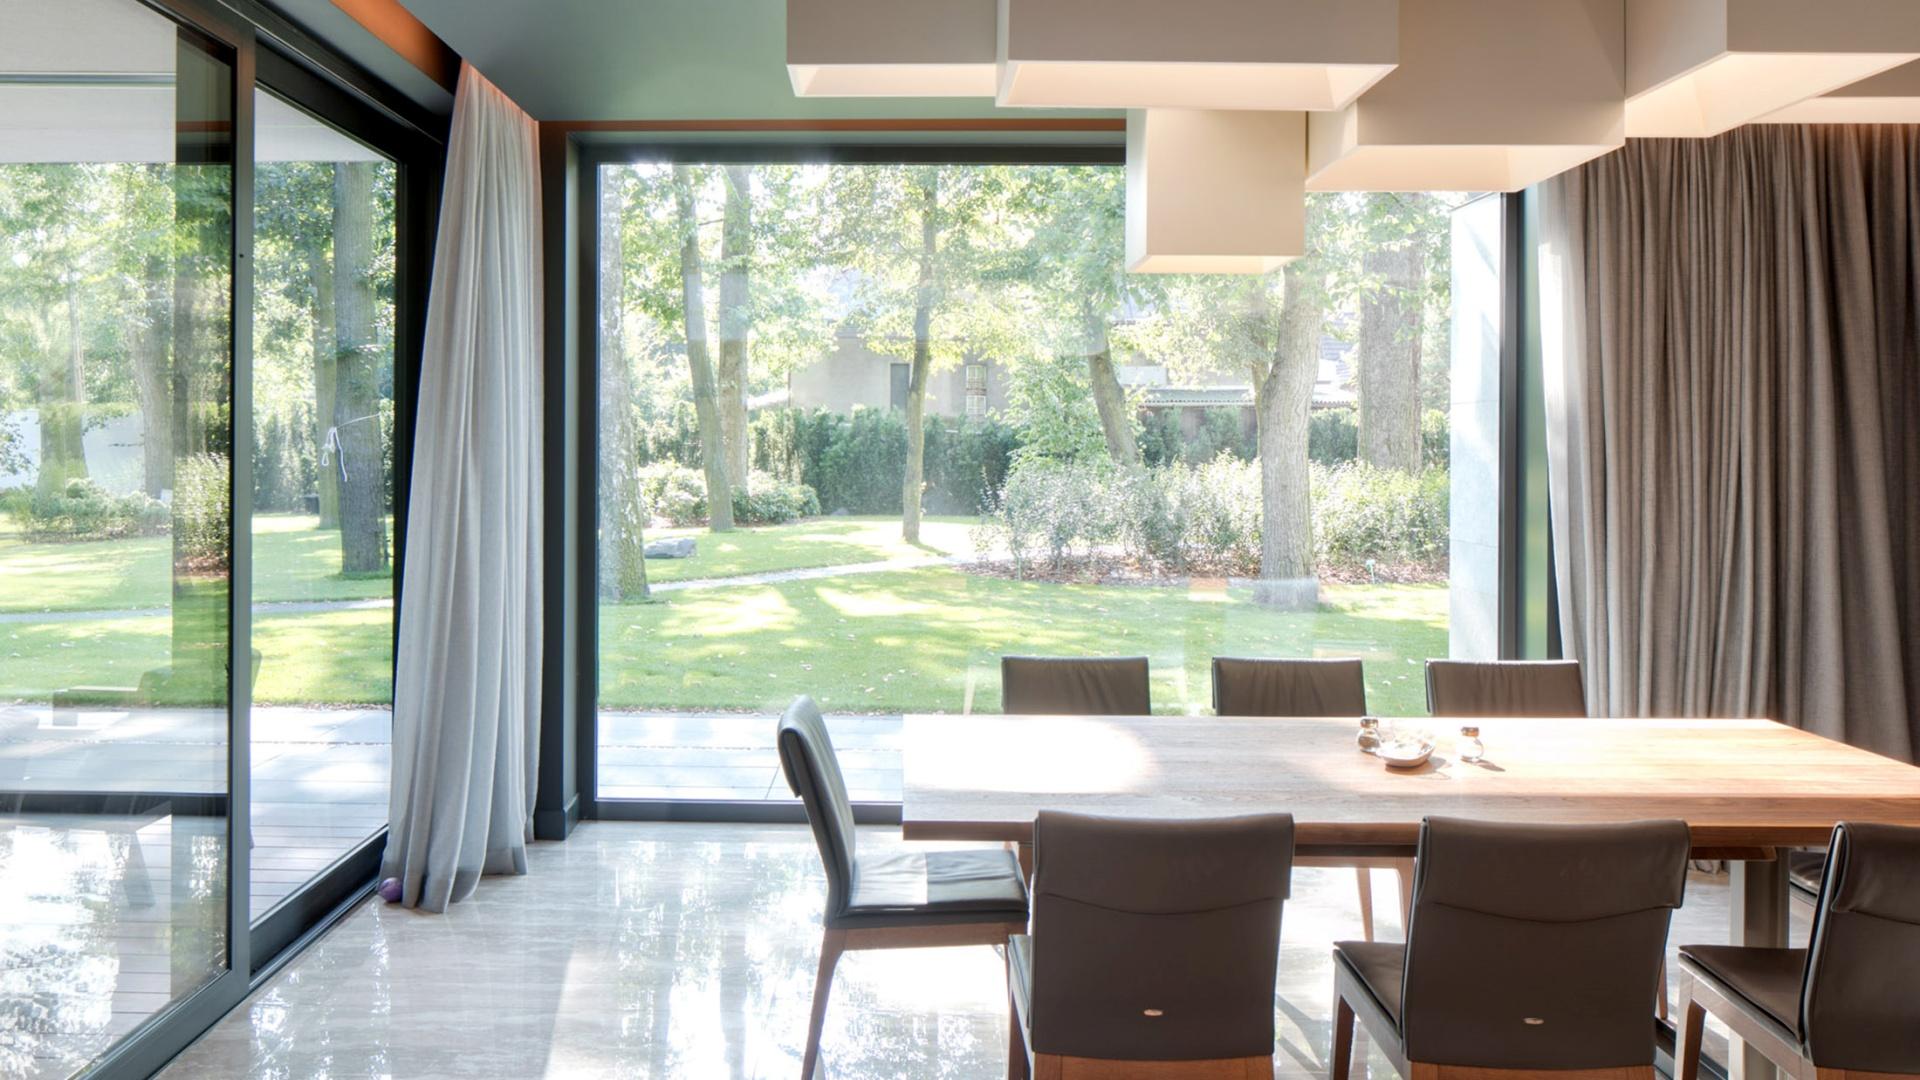 Projekt wnętrz RE: LONG HOUSE projektu architekta Marcina Tomaszewskiego REFORM Architekt